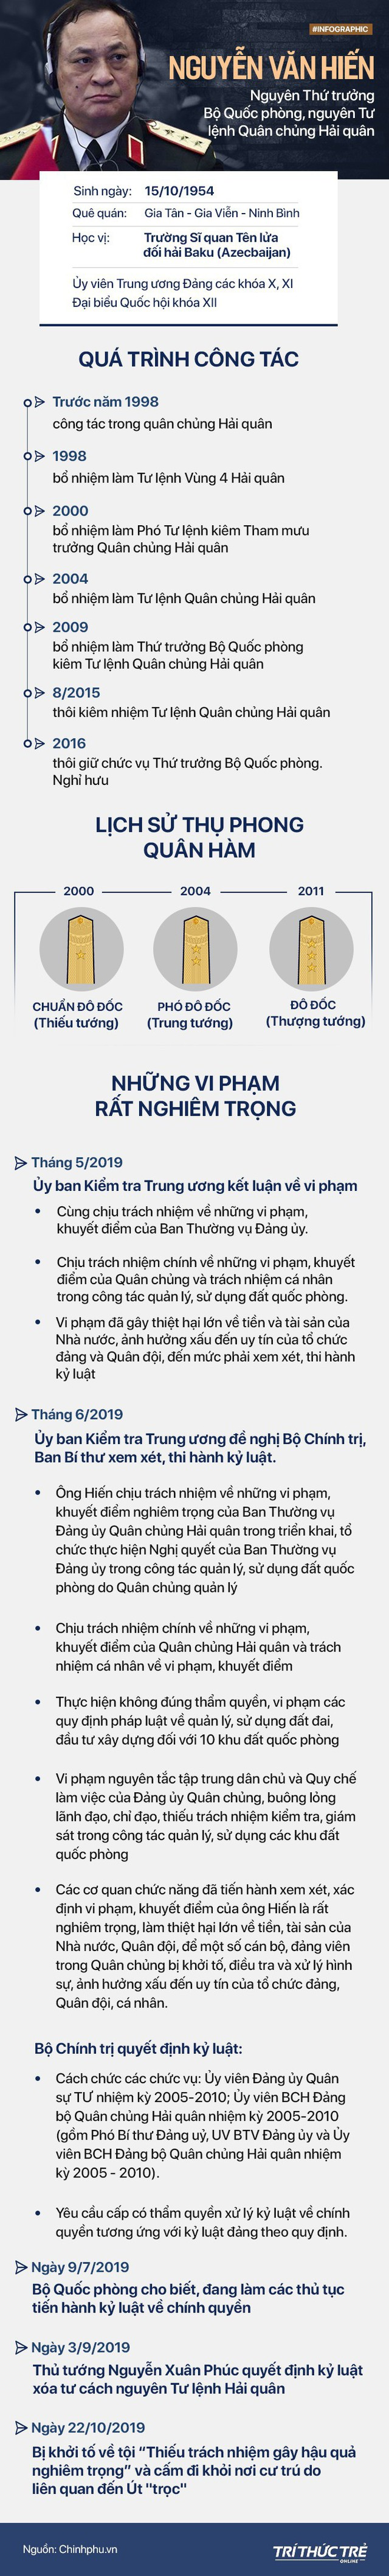 Những vi phạm rất nghiêm trọng của Đô đốc Nguyễn Văn Hiến vừa bị khởi tố - Ảnh 1.